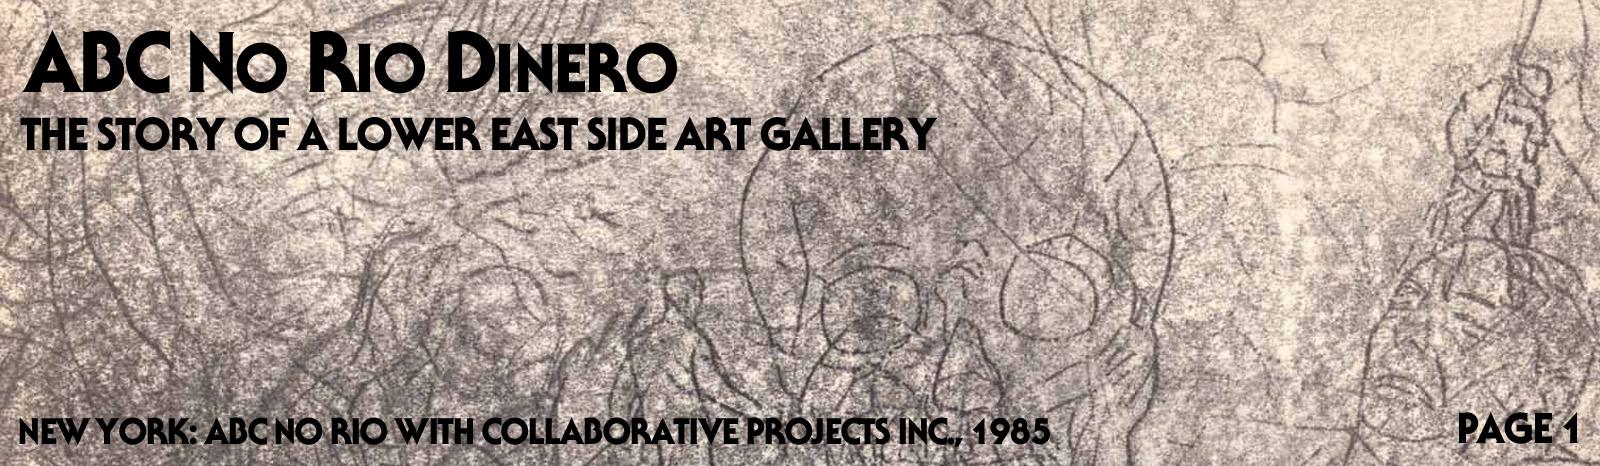 abc-no-rio-page-cover-1.jpg